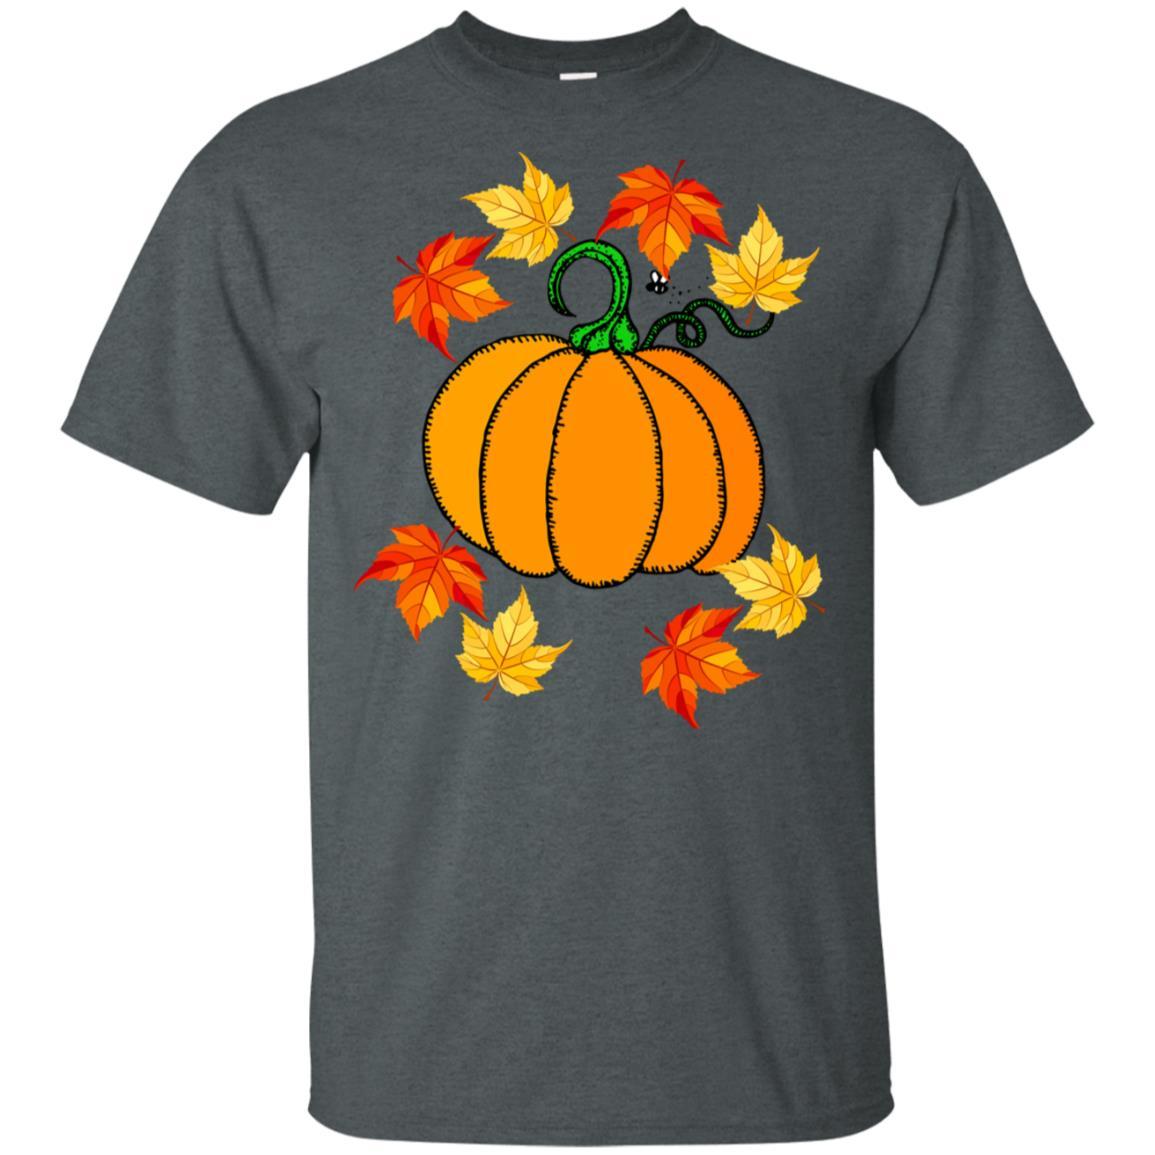 Pumpkin & Fall Leaves for Men & Women Unisex Short Sleeve